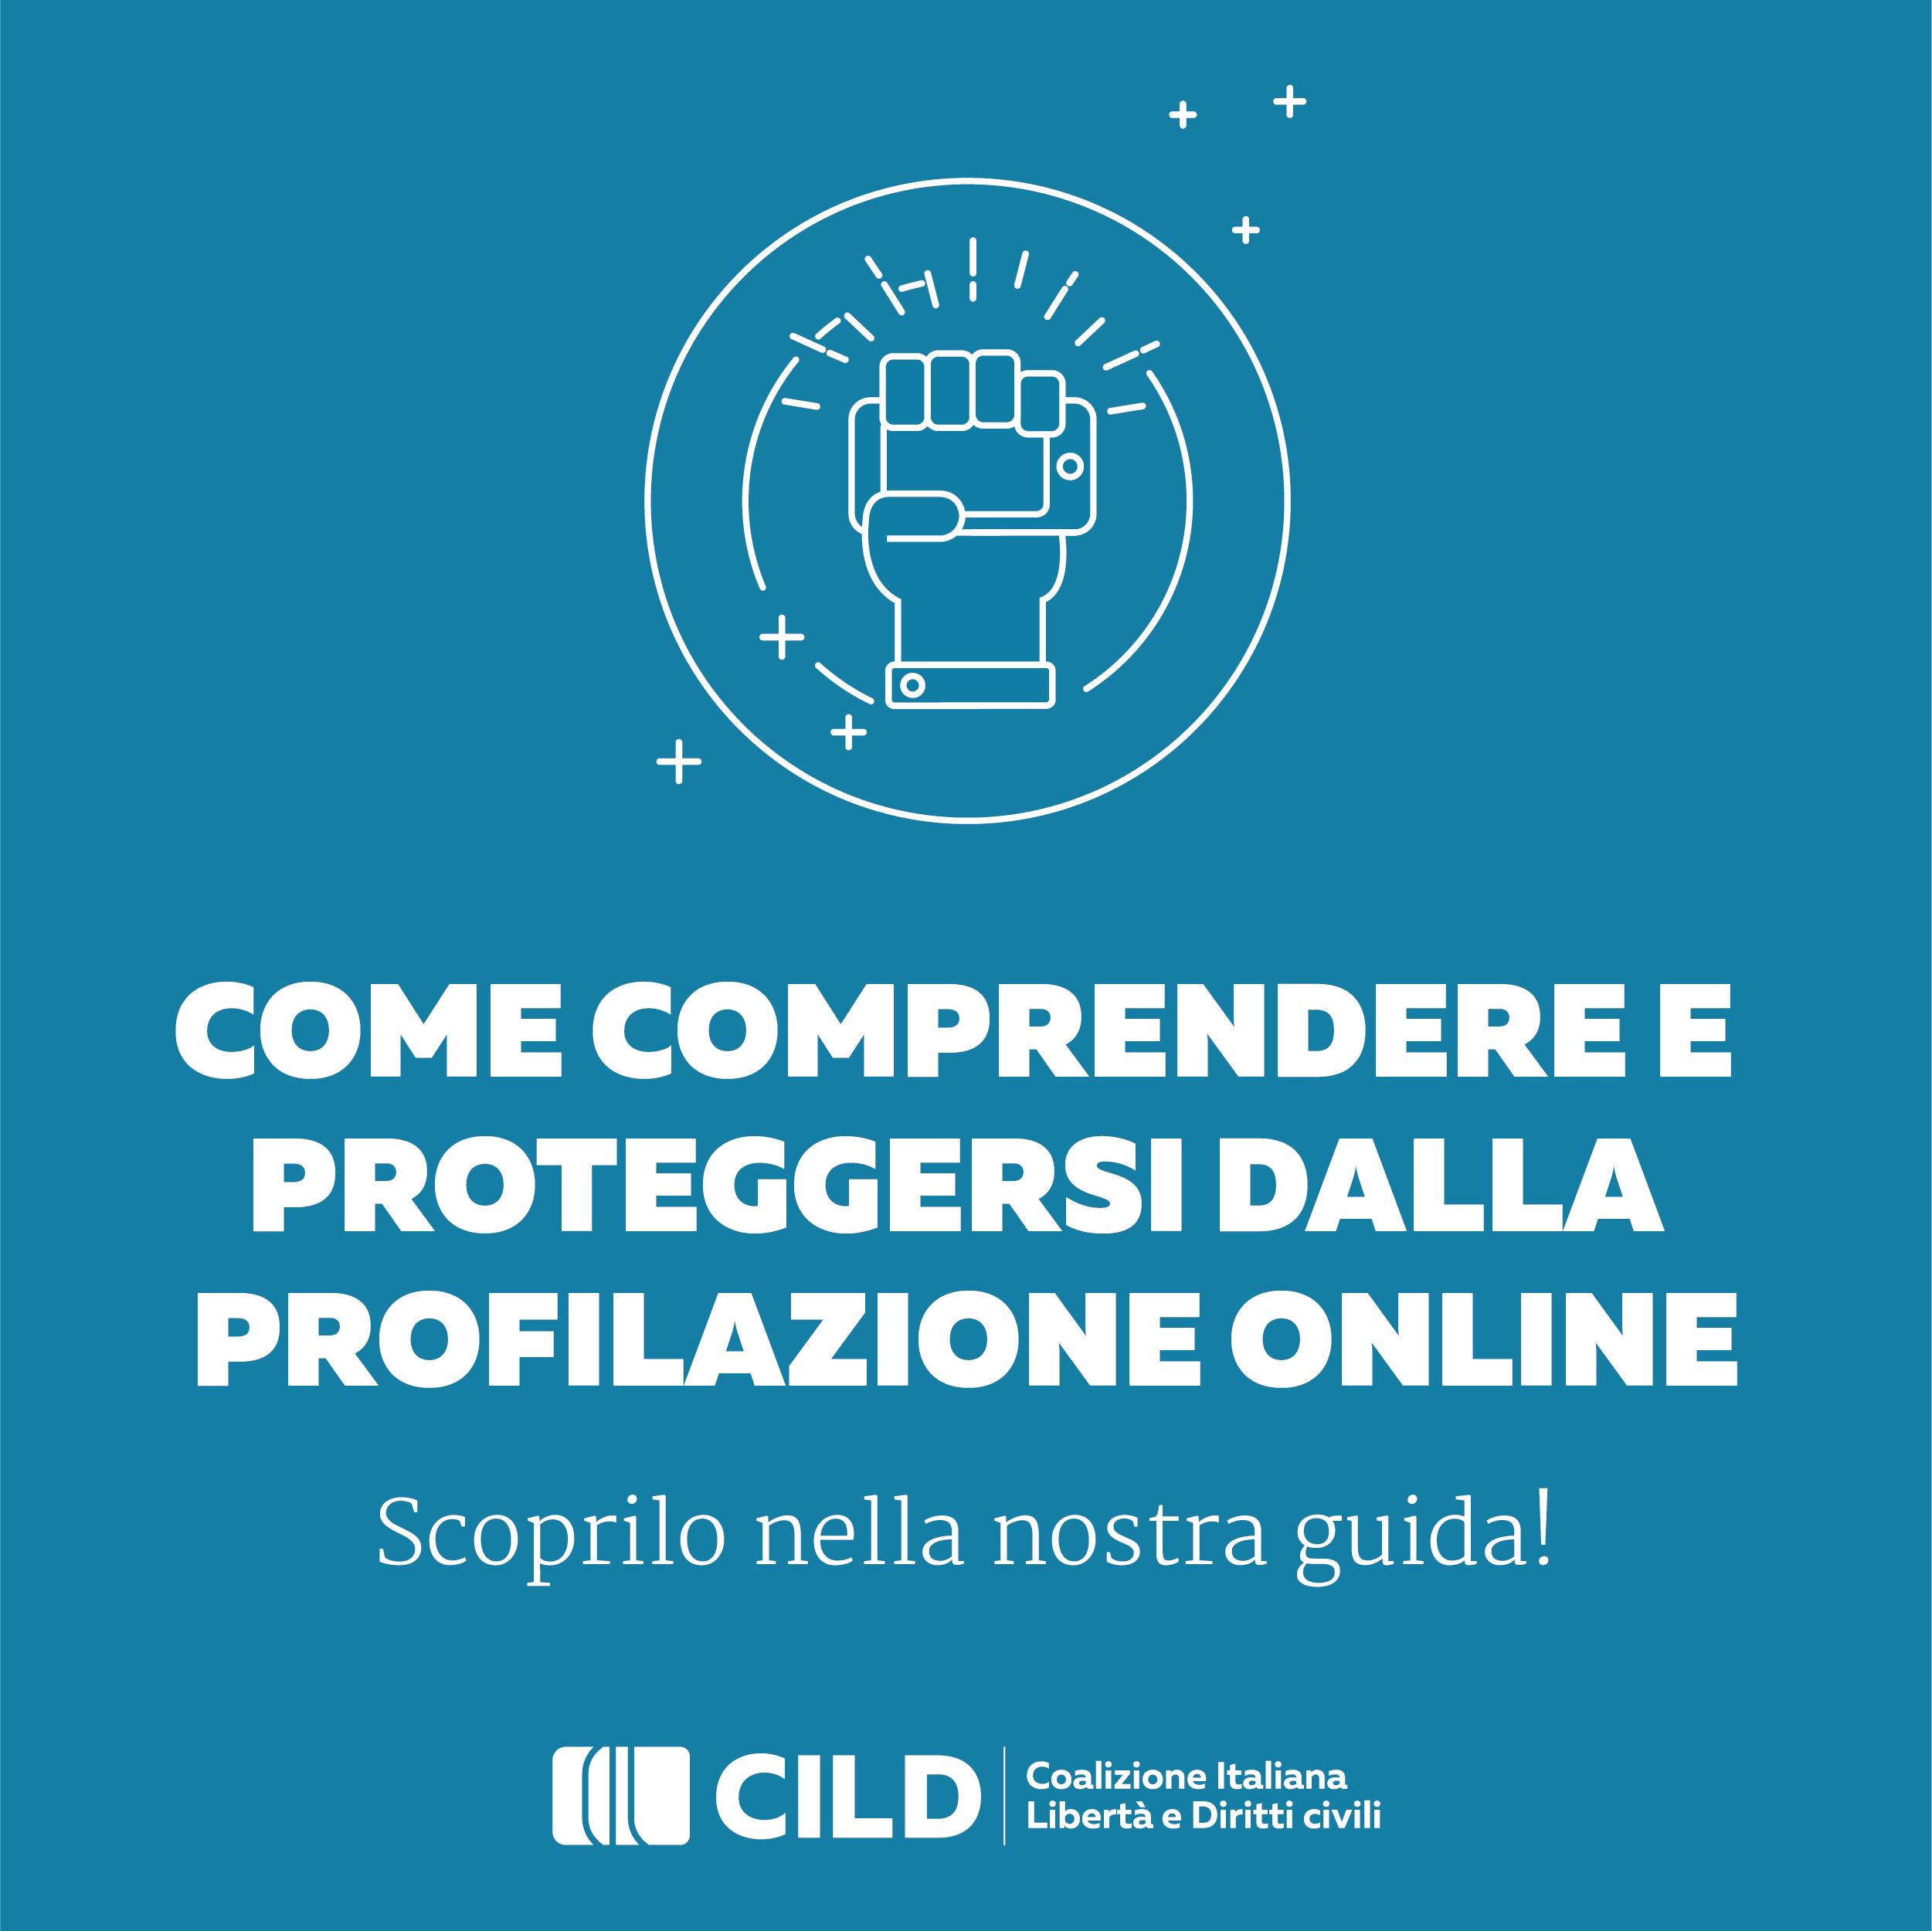 Profilazione on line: ecco la guida per proteggere i nostri dati sensibili